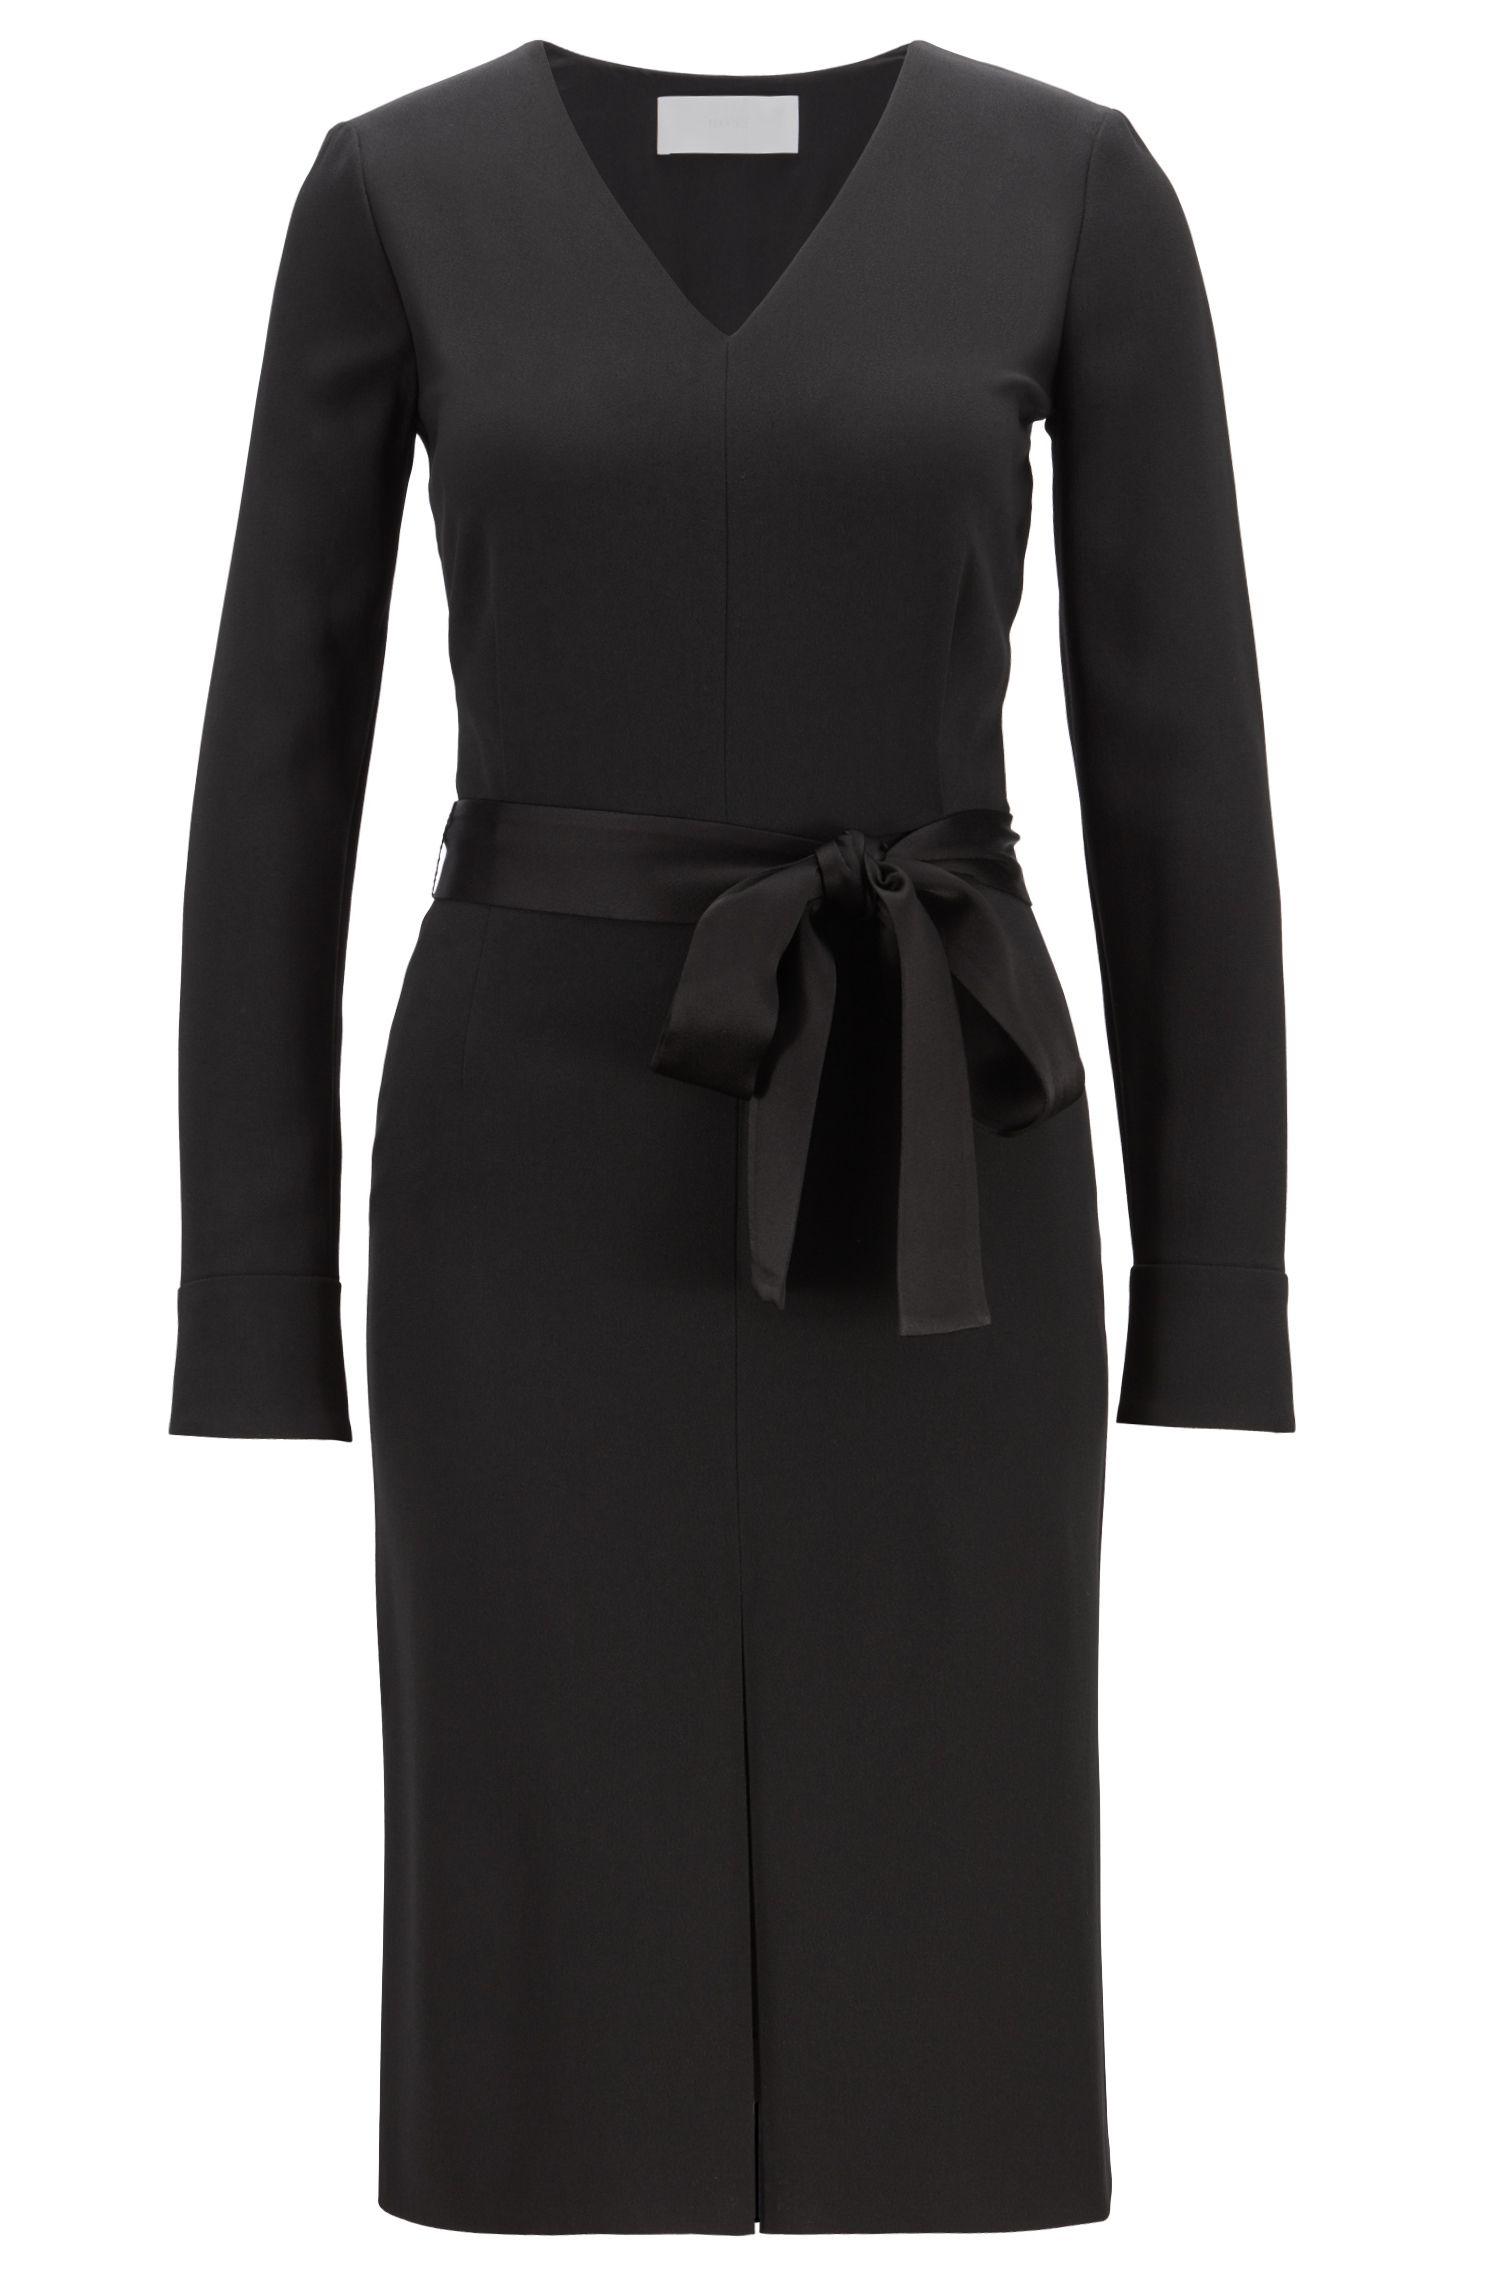 Long-sleeved V-neck business dress in satin-back crepe, Black